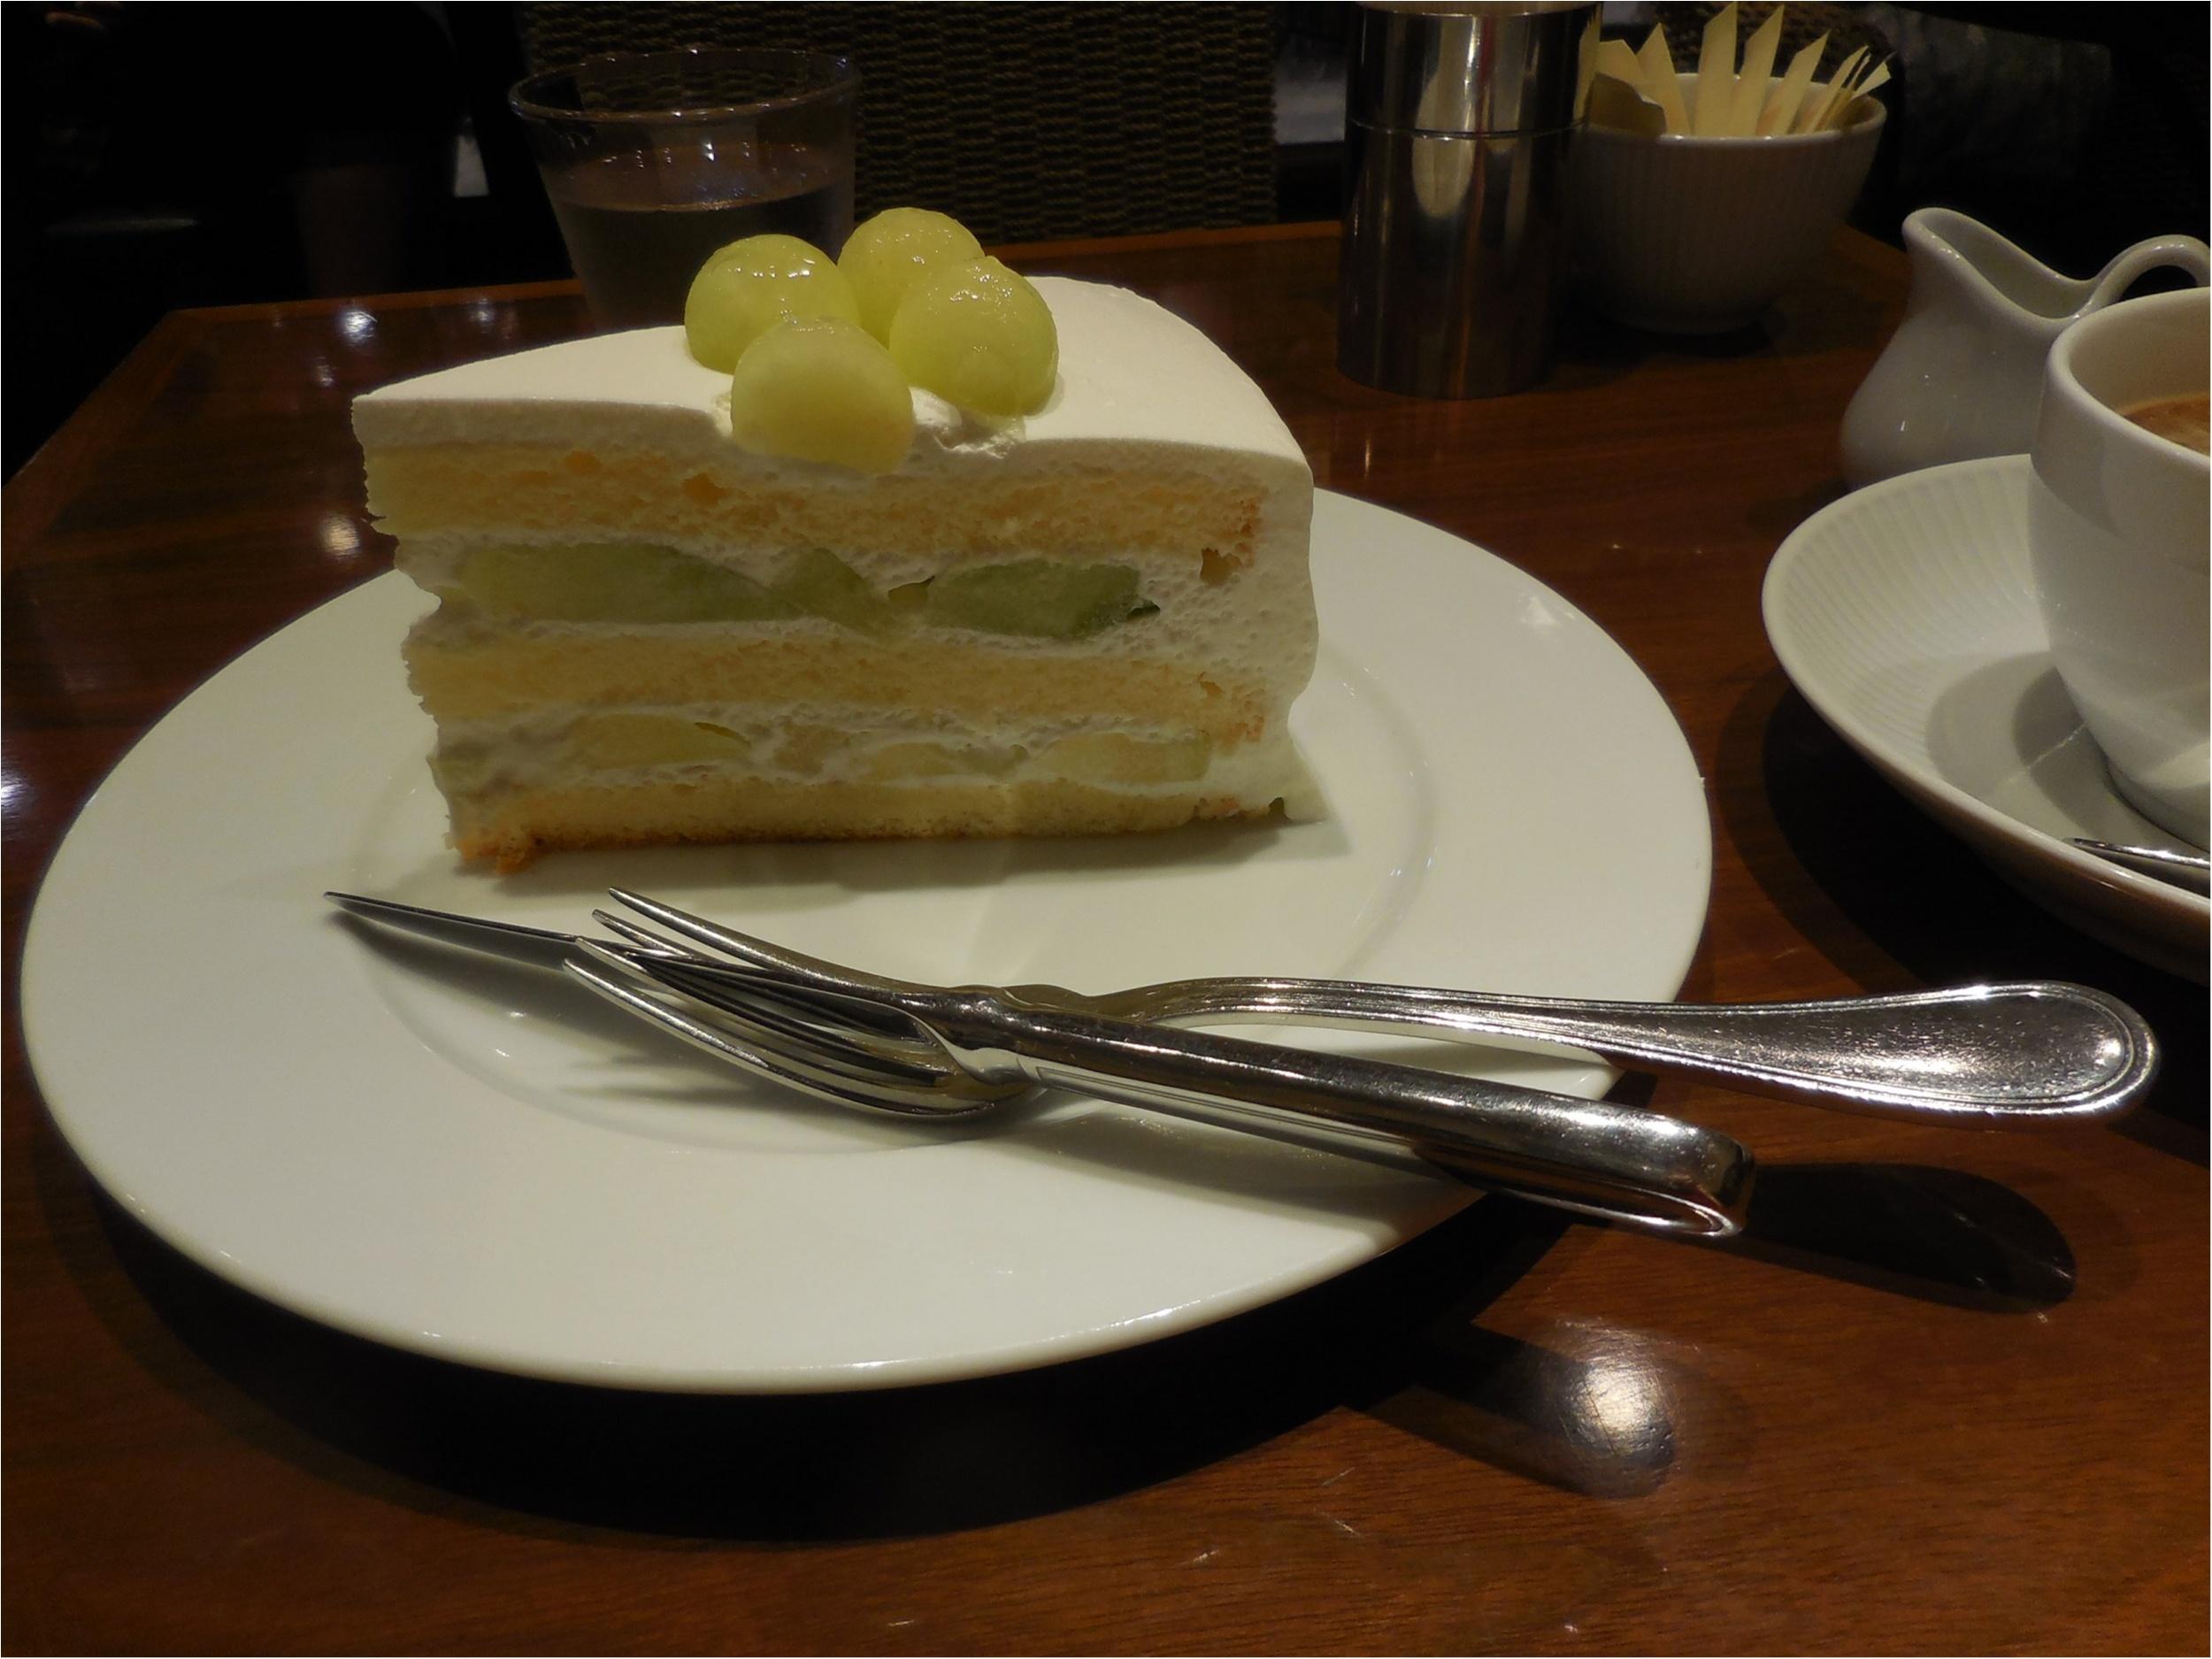 フレッシュフルーツケーキで有名な【ハーブス】はコーヒーがおかわりできる!_4